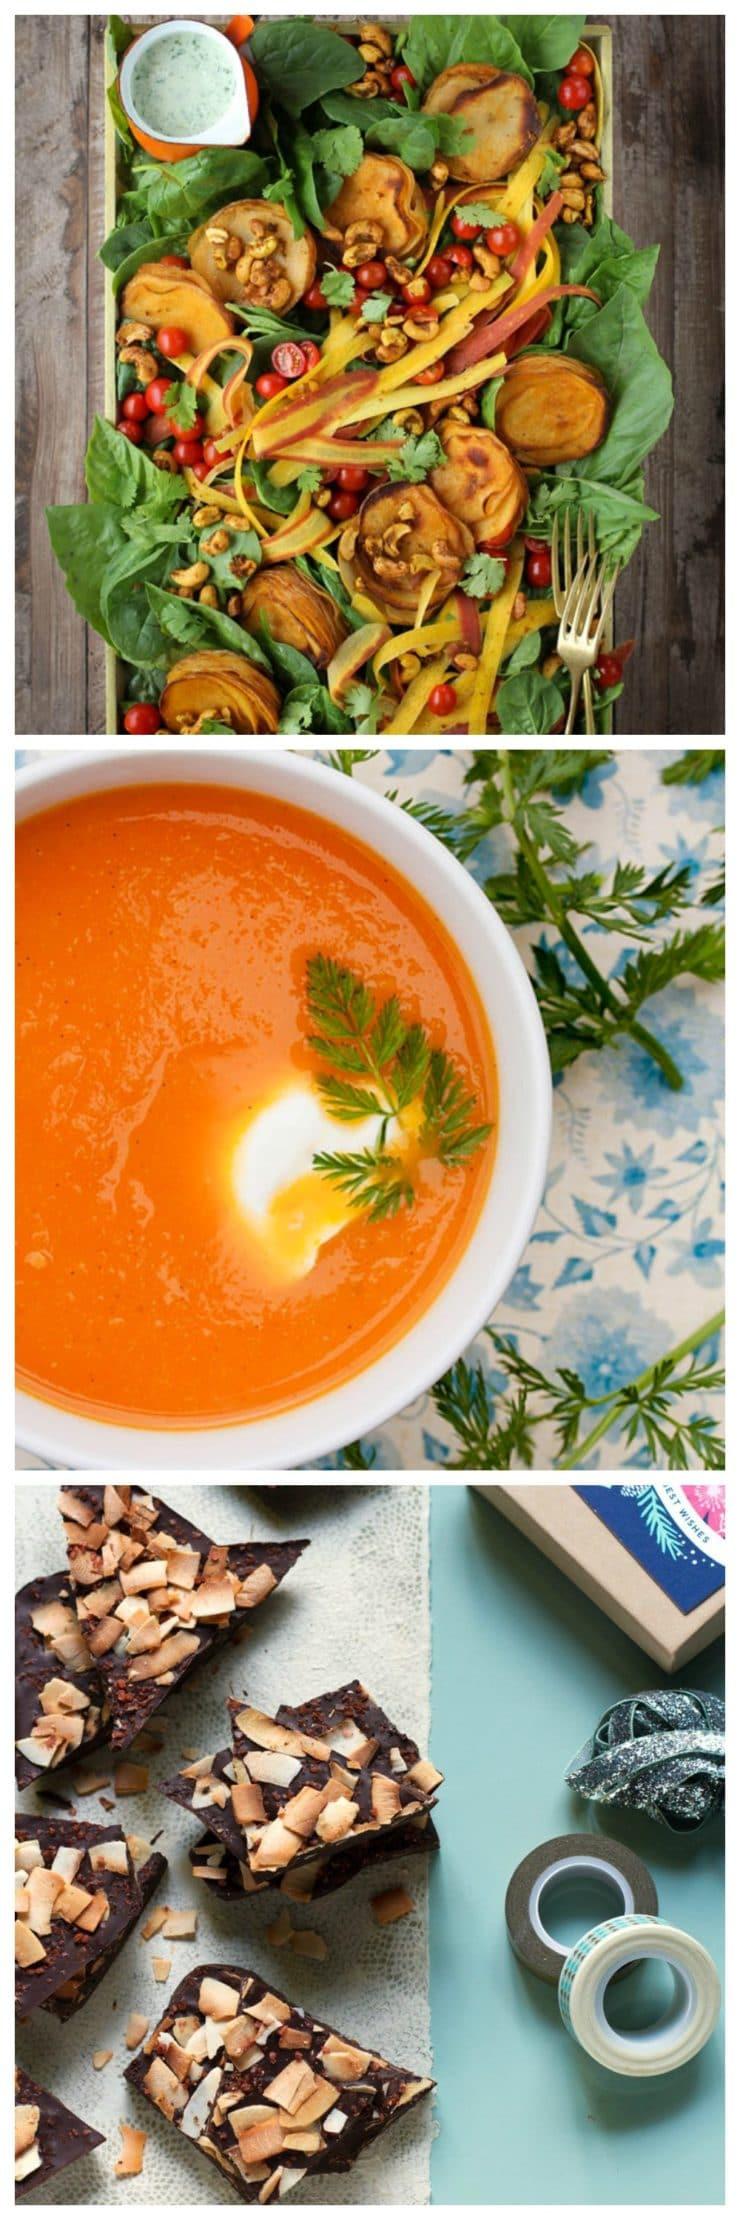 Passover Vegetarian Recipes  Vegan Recipes for Passover